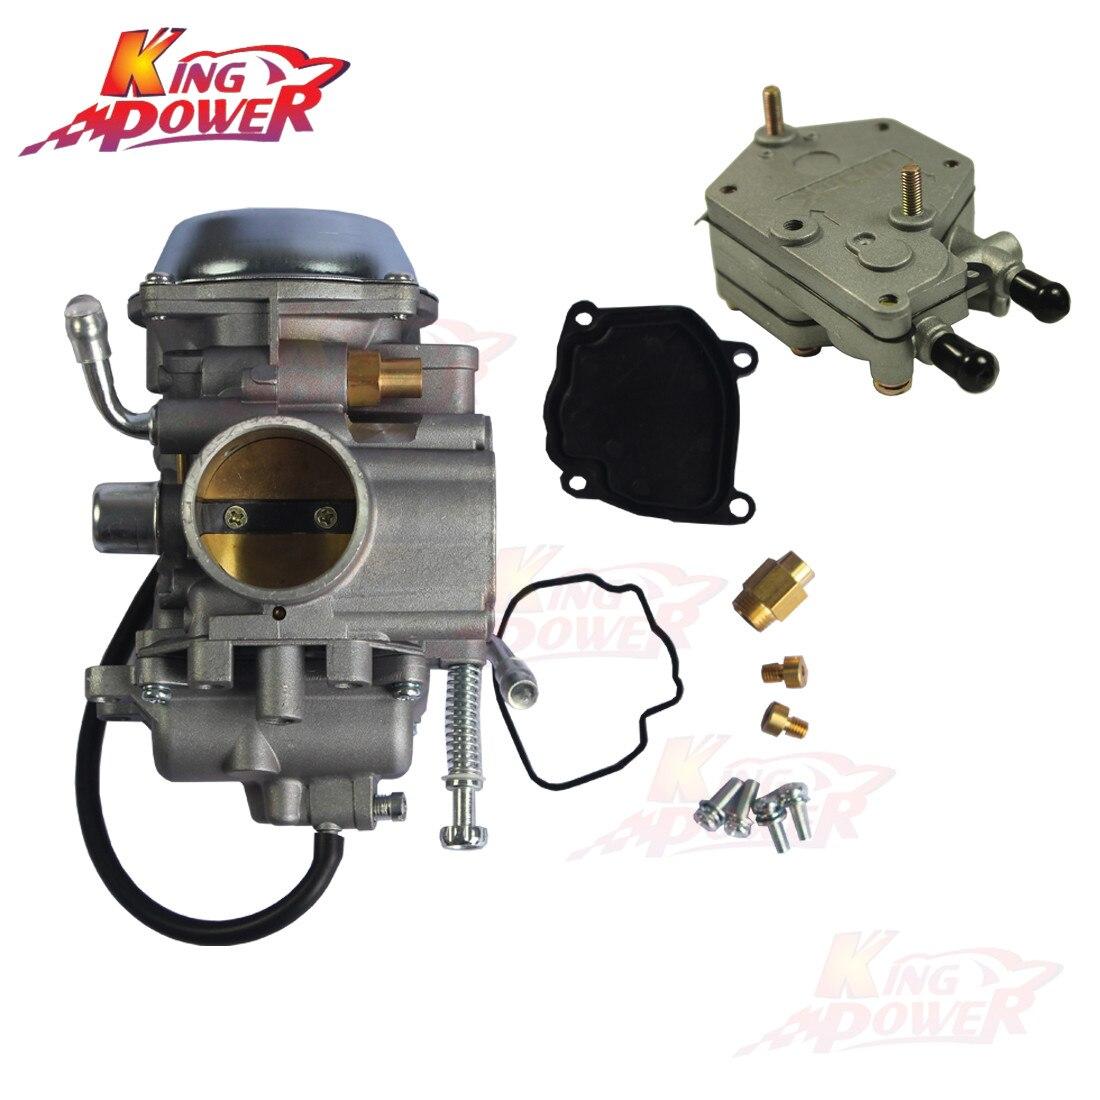 POLARIS SPORTSMAN 500 CARBURETOR FUEL PUMP 4x4 ATV QUAD CARB 1996-1998 NON HO